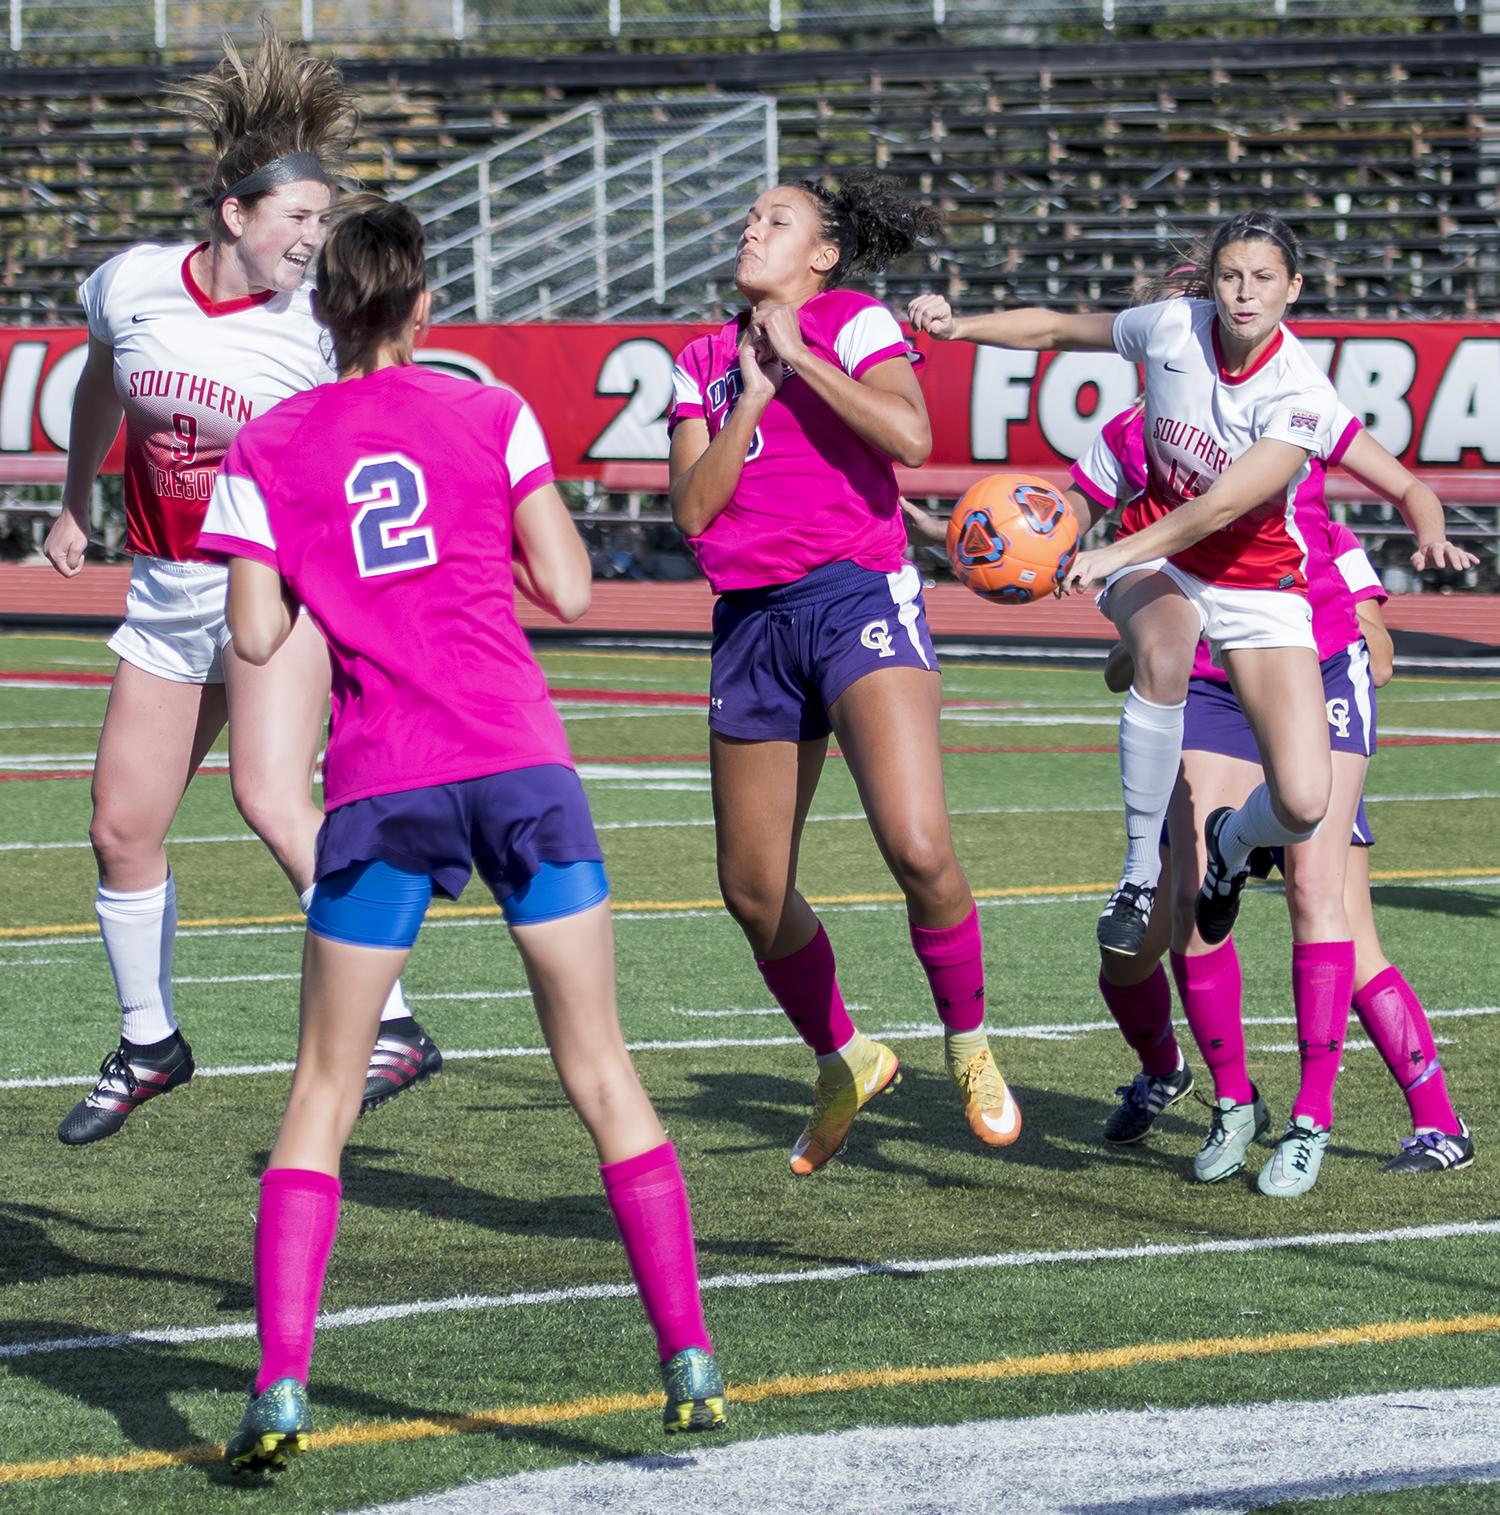 sou women's soccer lauren aldana presley lambert